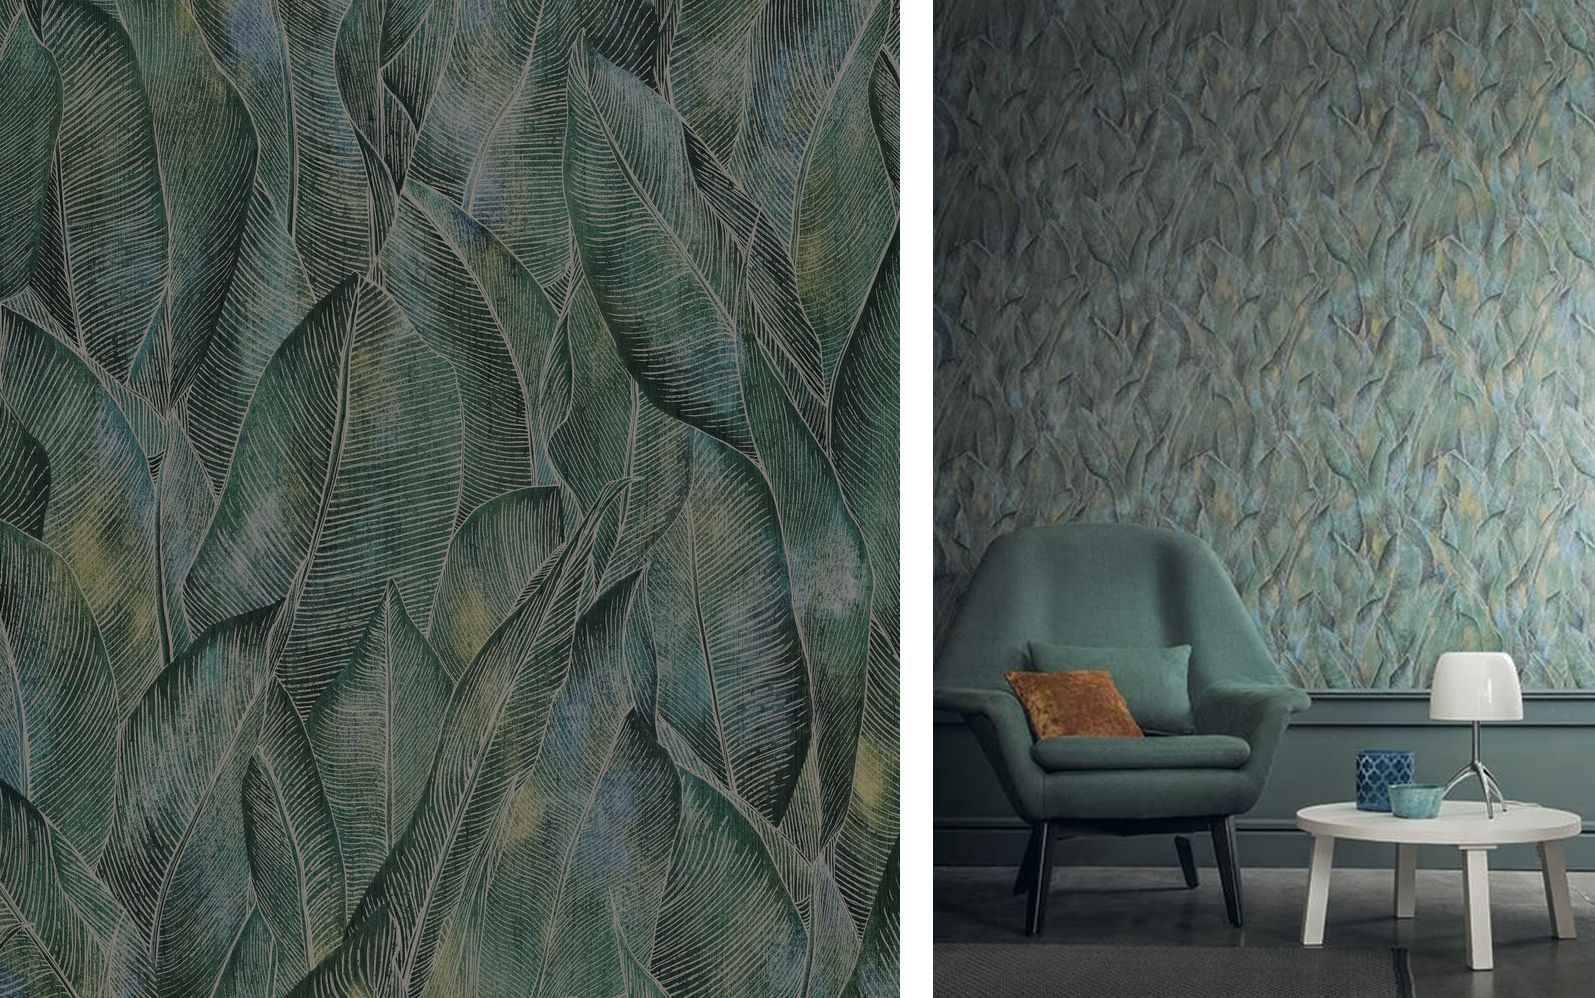 Moderne Wandgestaltung U2013 Tolle Tapeten Trends, Die Sie Unbedingt  Ausprobieren Sollen   Https: